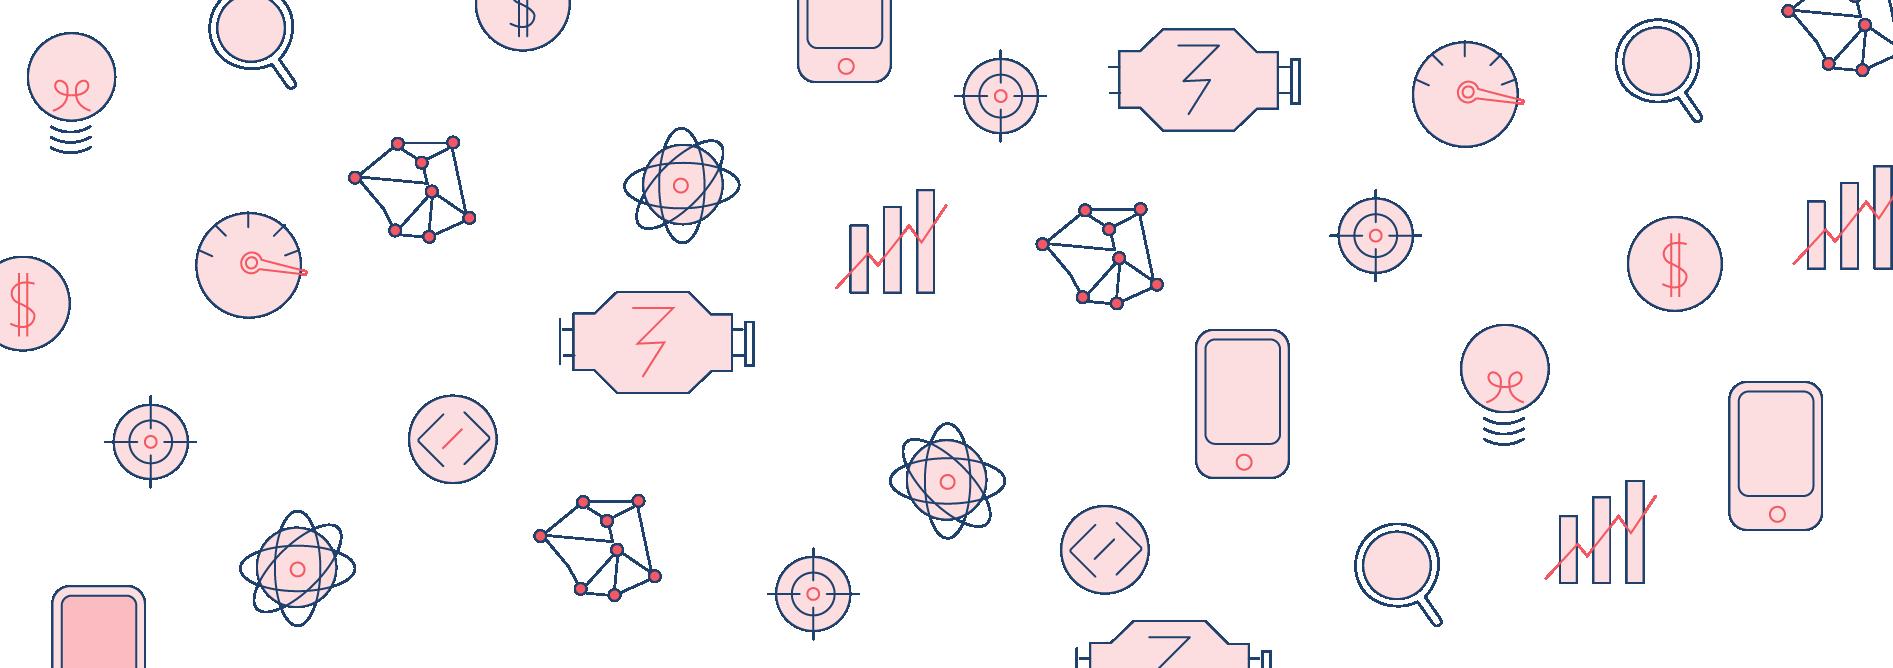 PICNIC_Extended Pattern-02.jpg